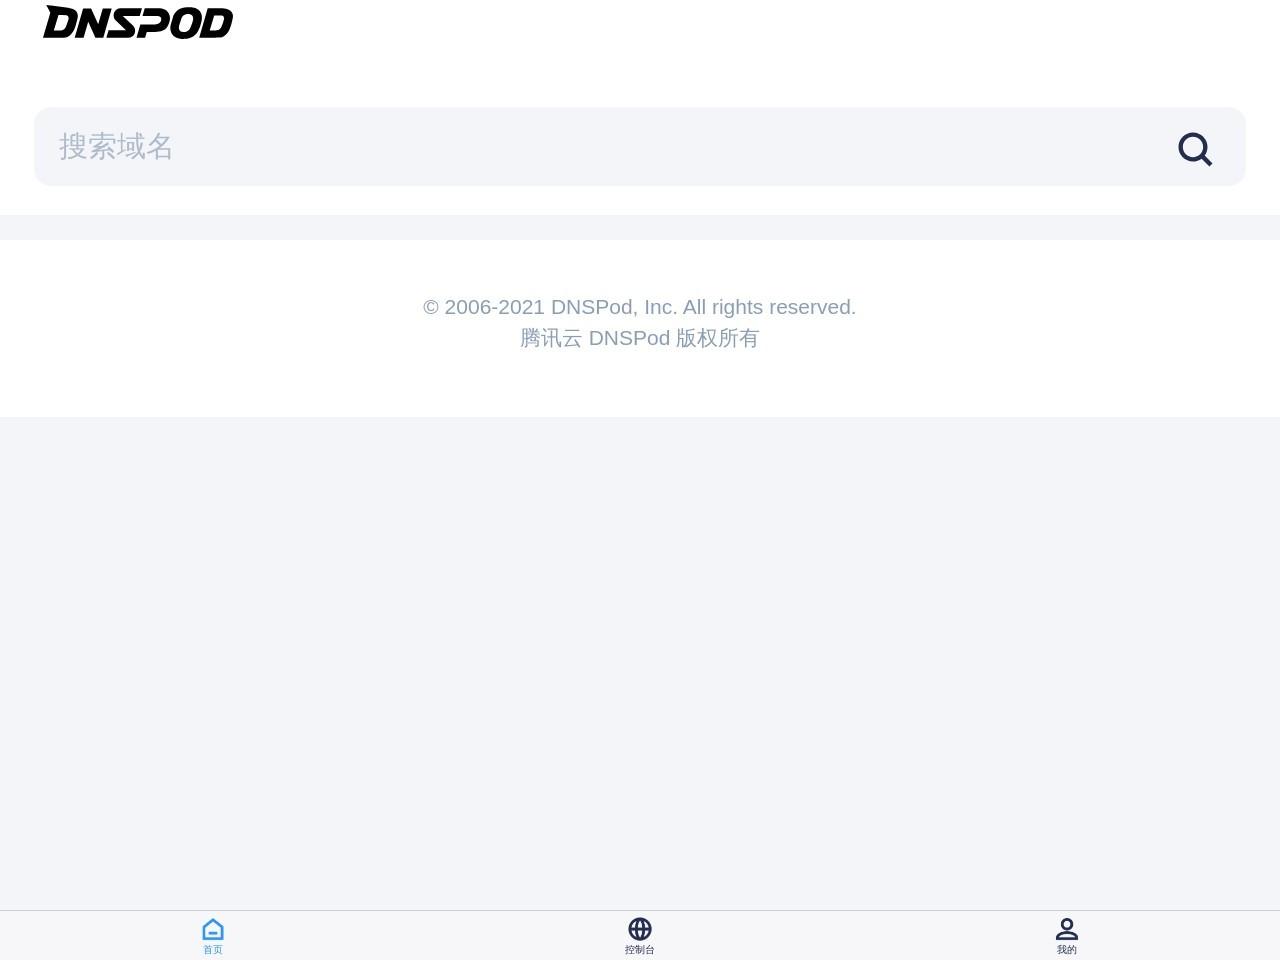 龙哥资源网-龙哥辅助网-免费提供绿色软件-活动线报以及其他-